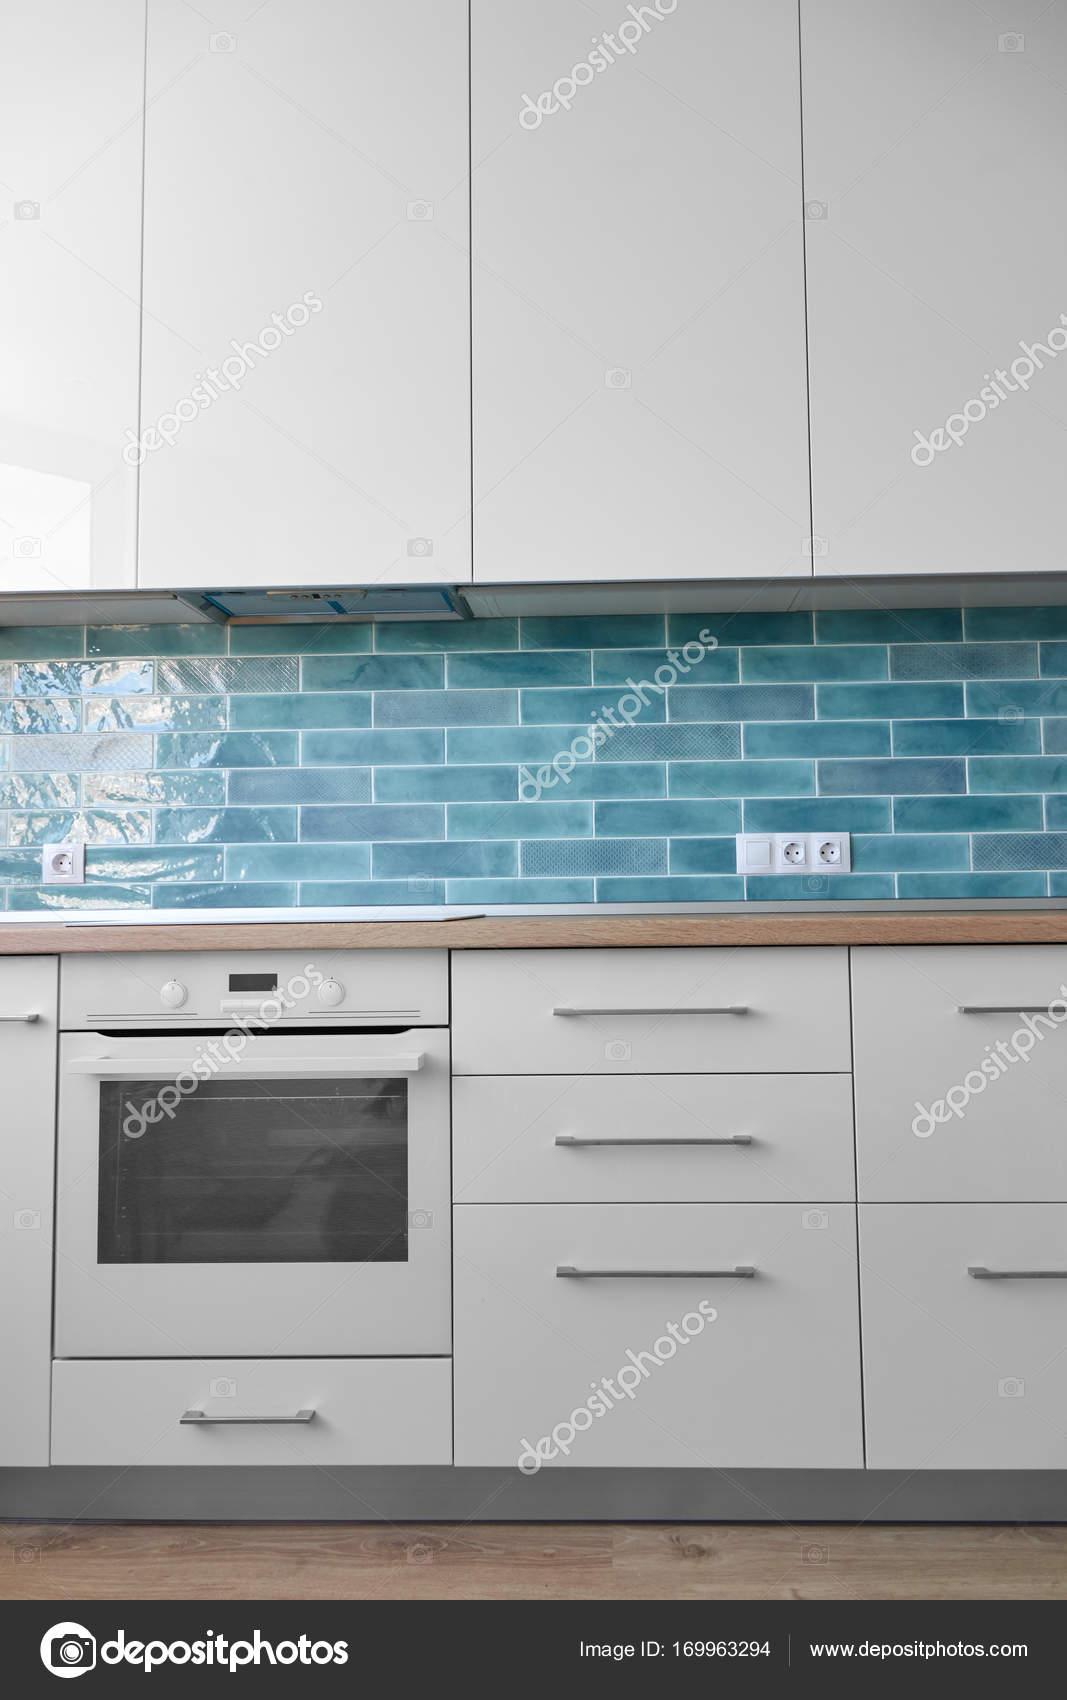 Schone Moderne Kuche Stockfoto C Artjazz 169963294